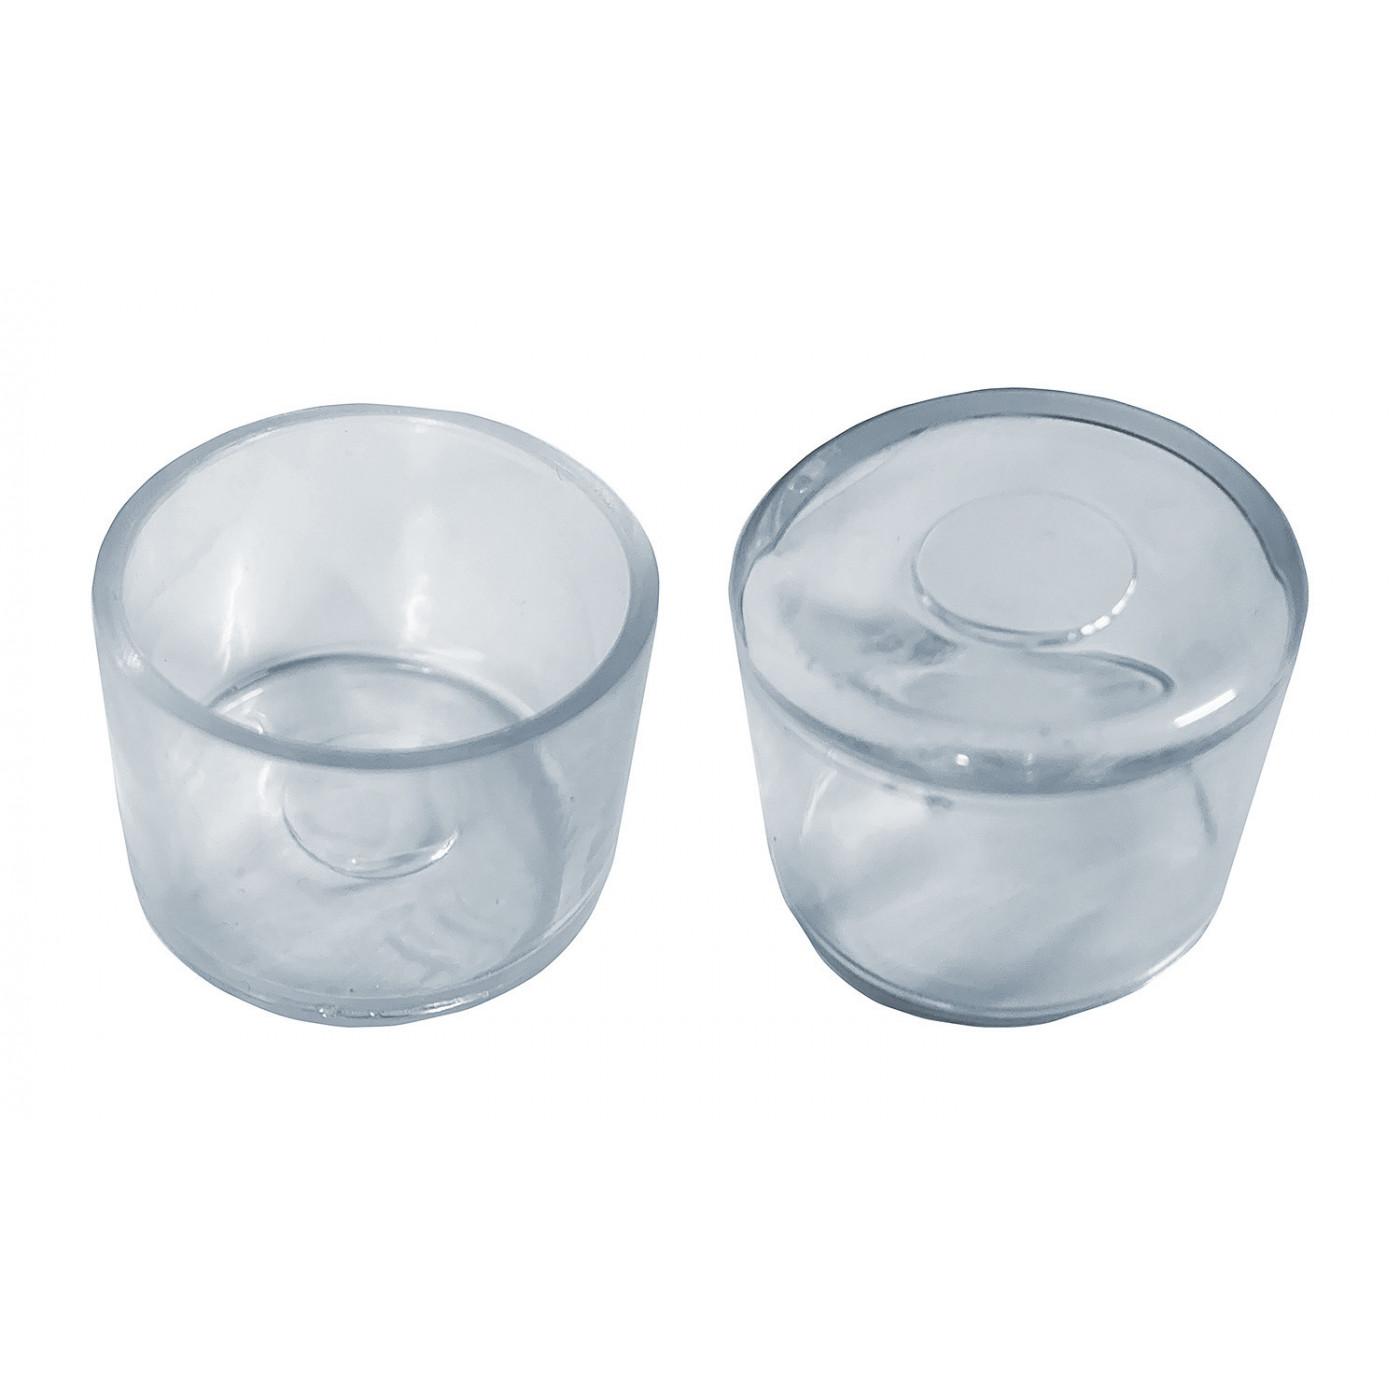 Set von 32 silikonkappen (Außenkappe, rund, 35 mm, transparent) [O-RO-35-T]  - 1